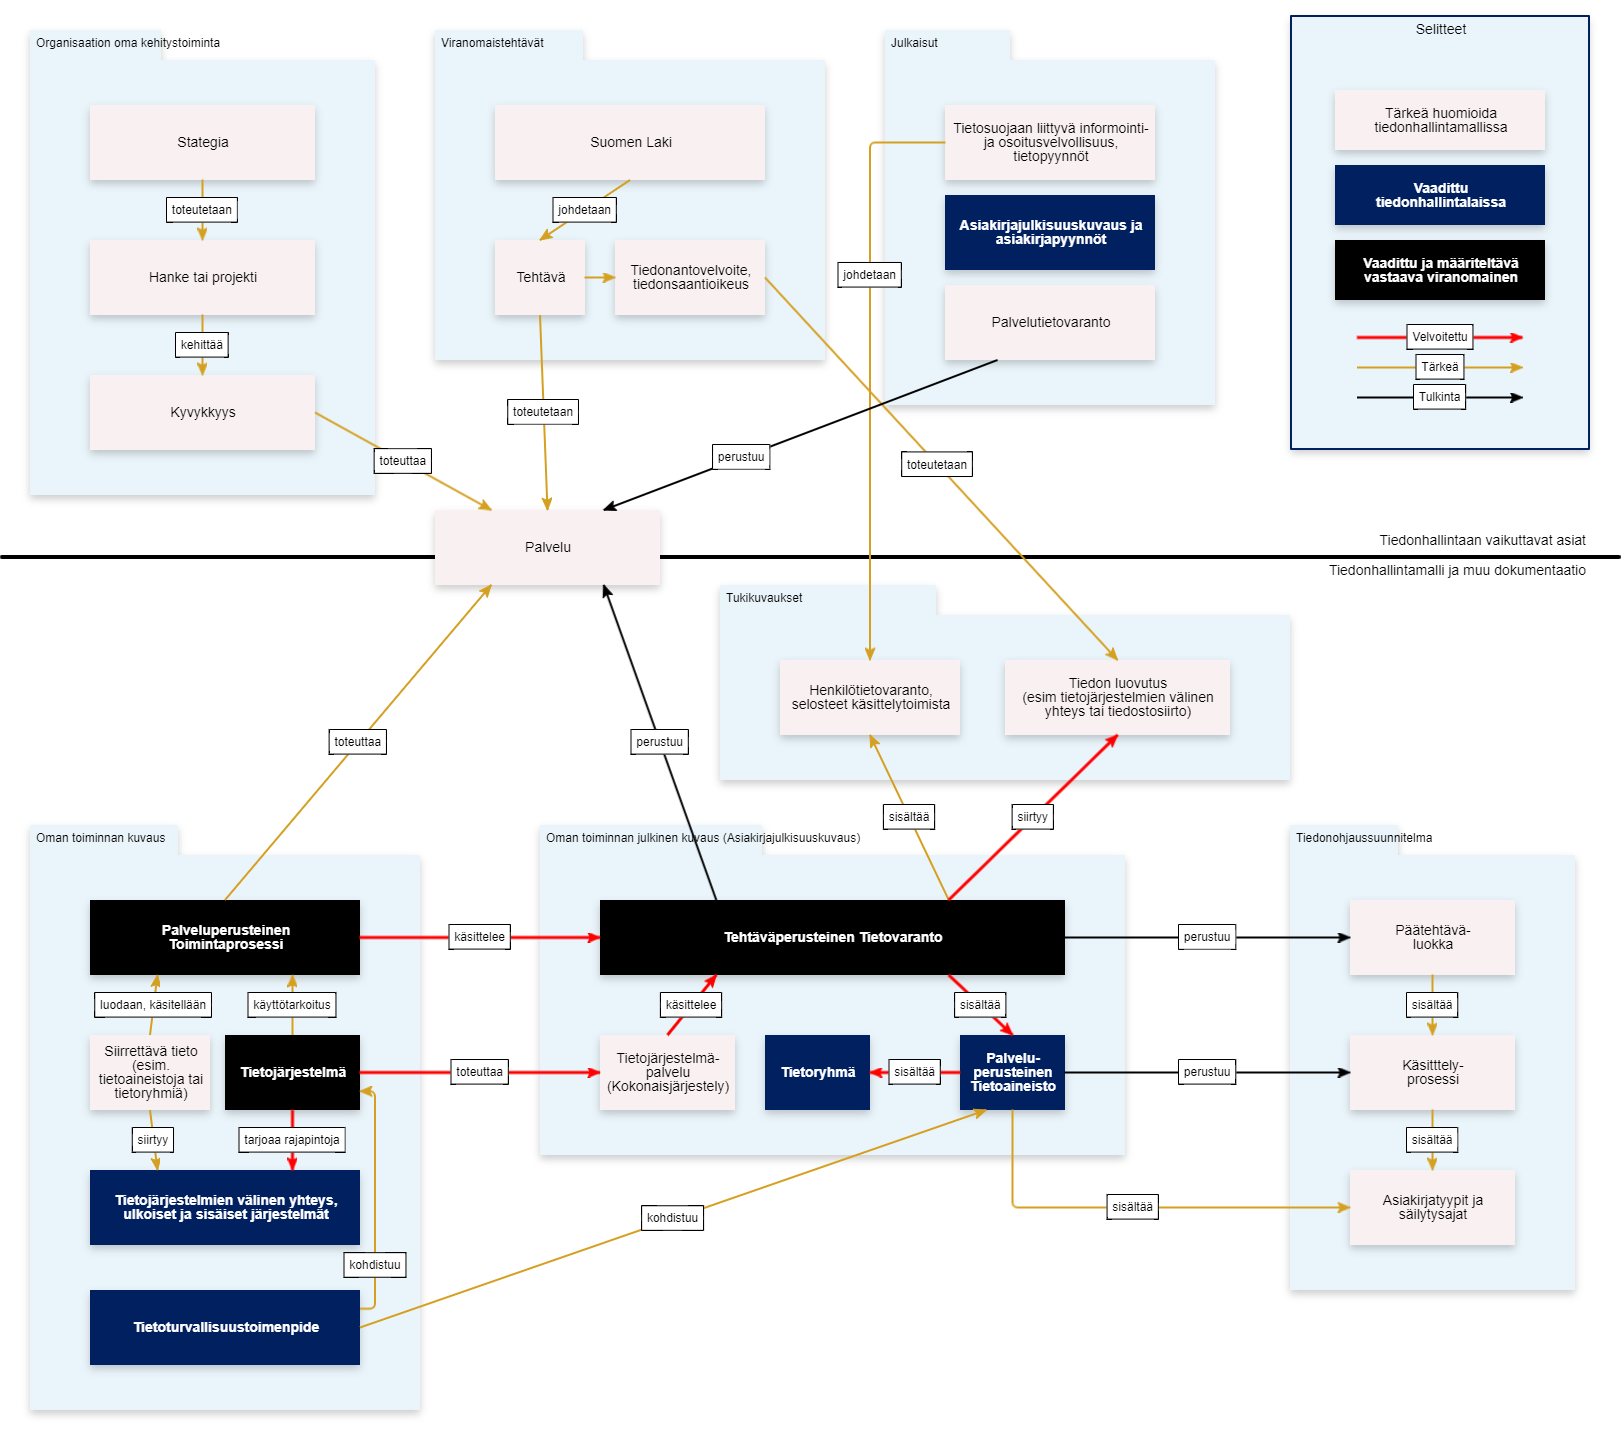 ARC-ohjelmiston laaja tiedonhallintamallin metamalli